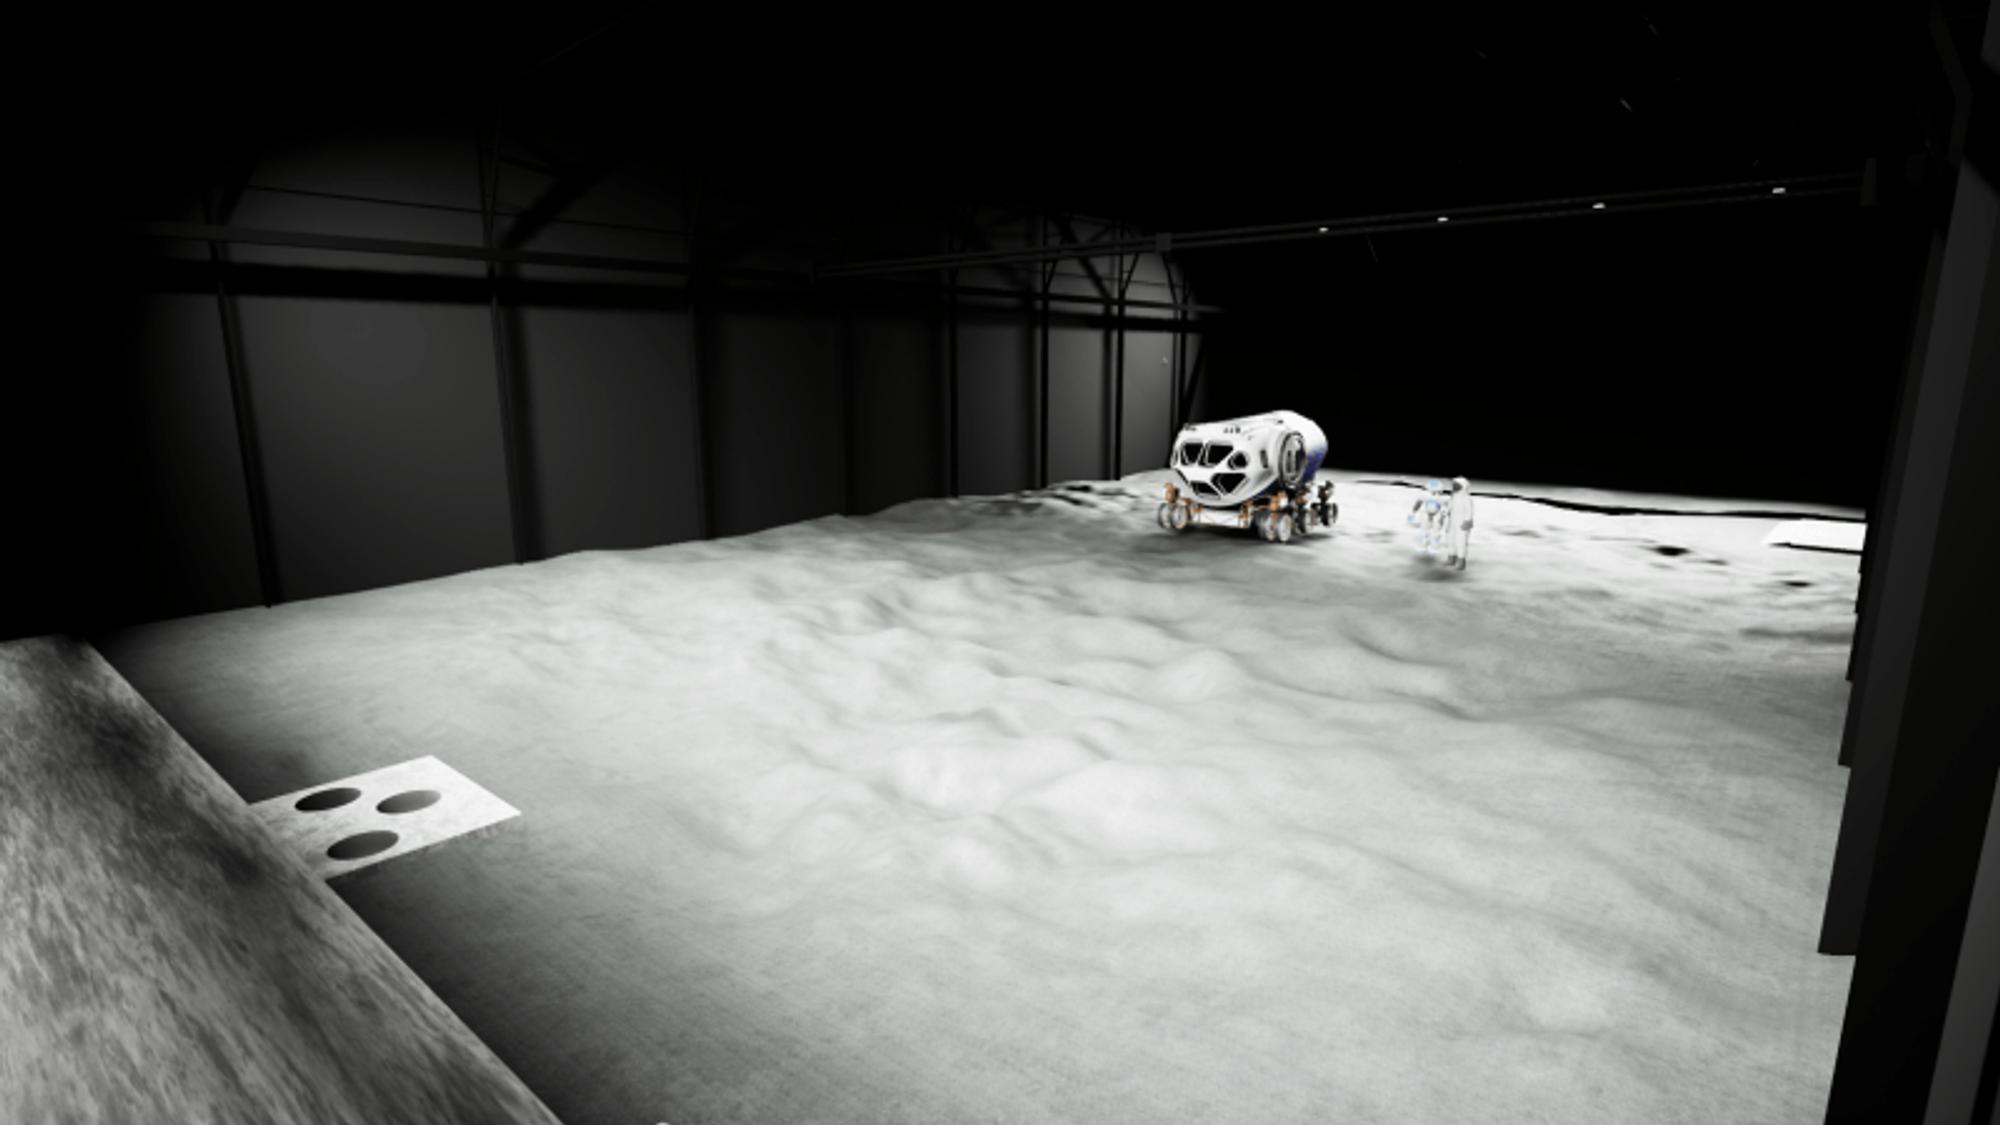 Slik forestiller man seg at Luna kommer til å se ut når testfasilitetene er ferdig bygd – men uten månebasen.